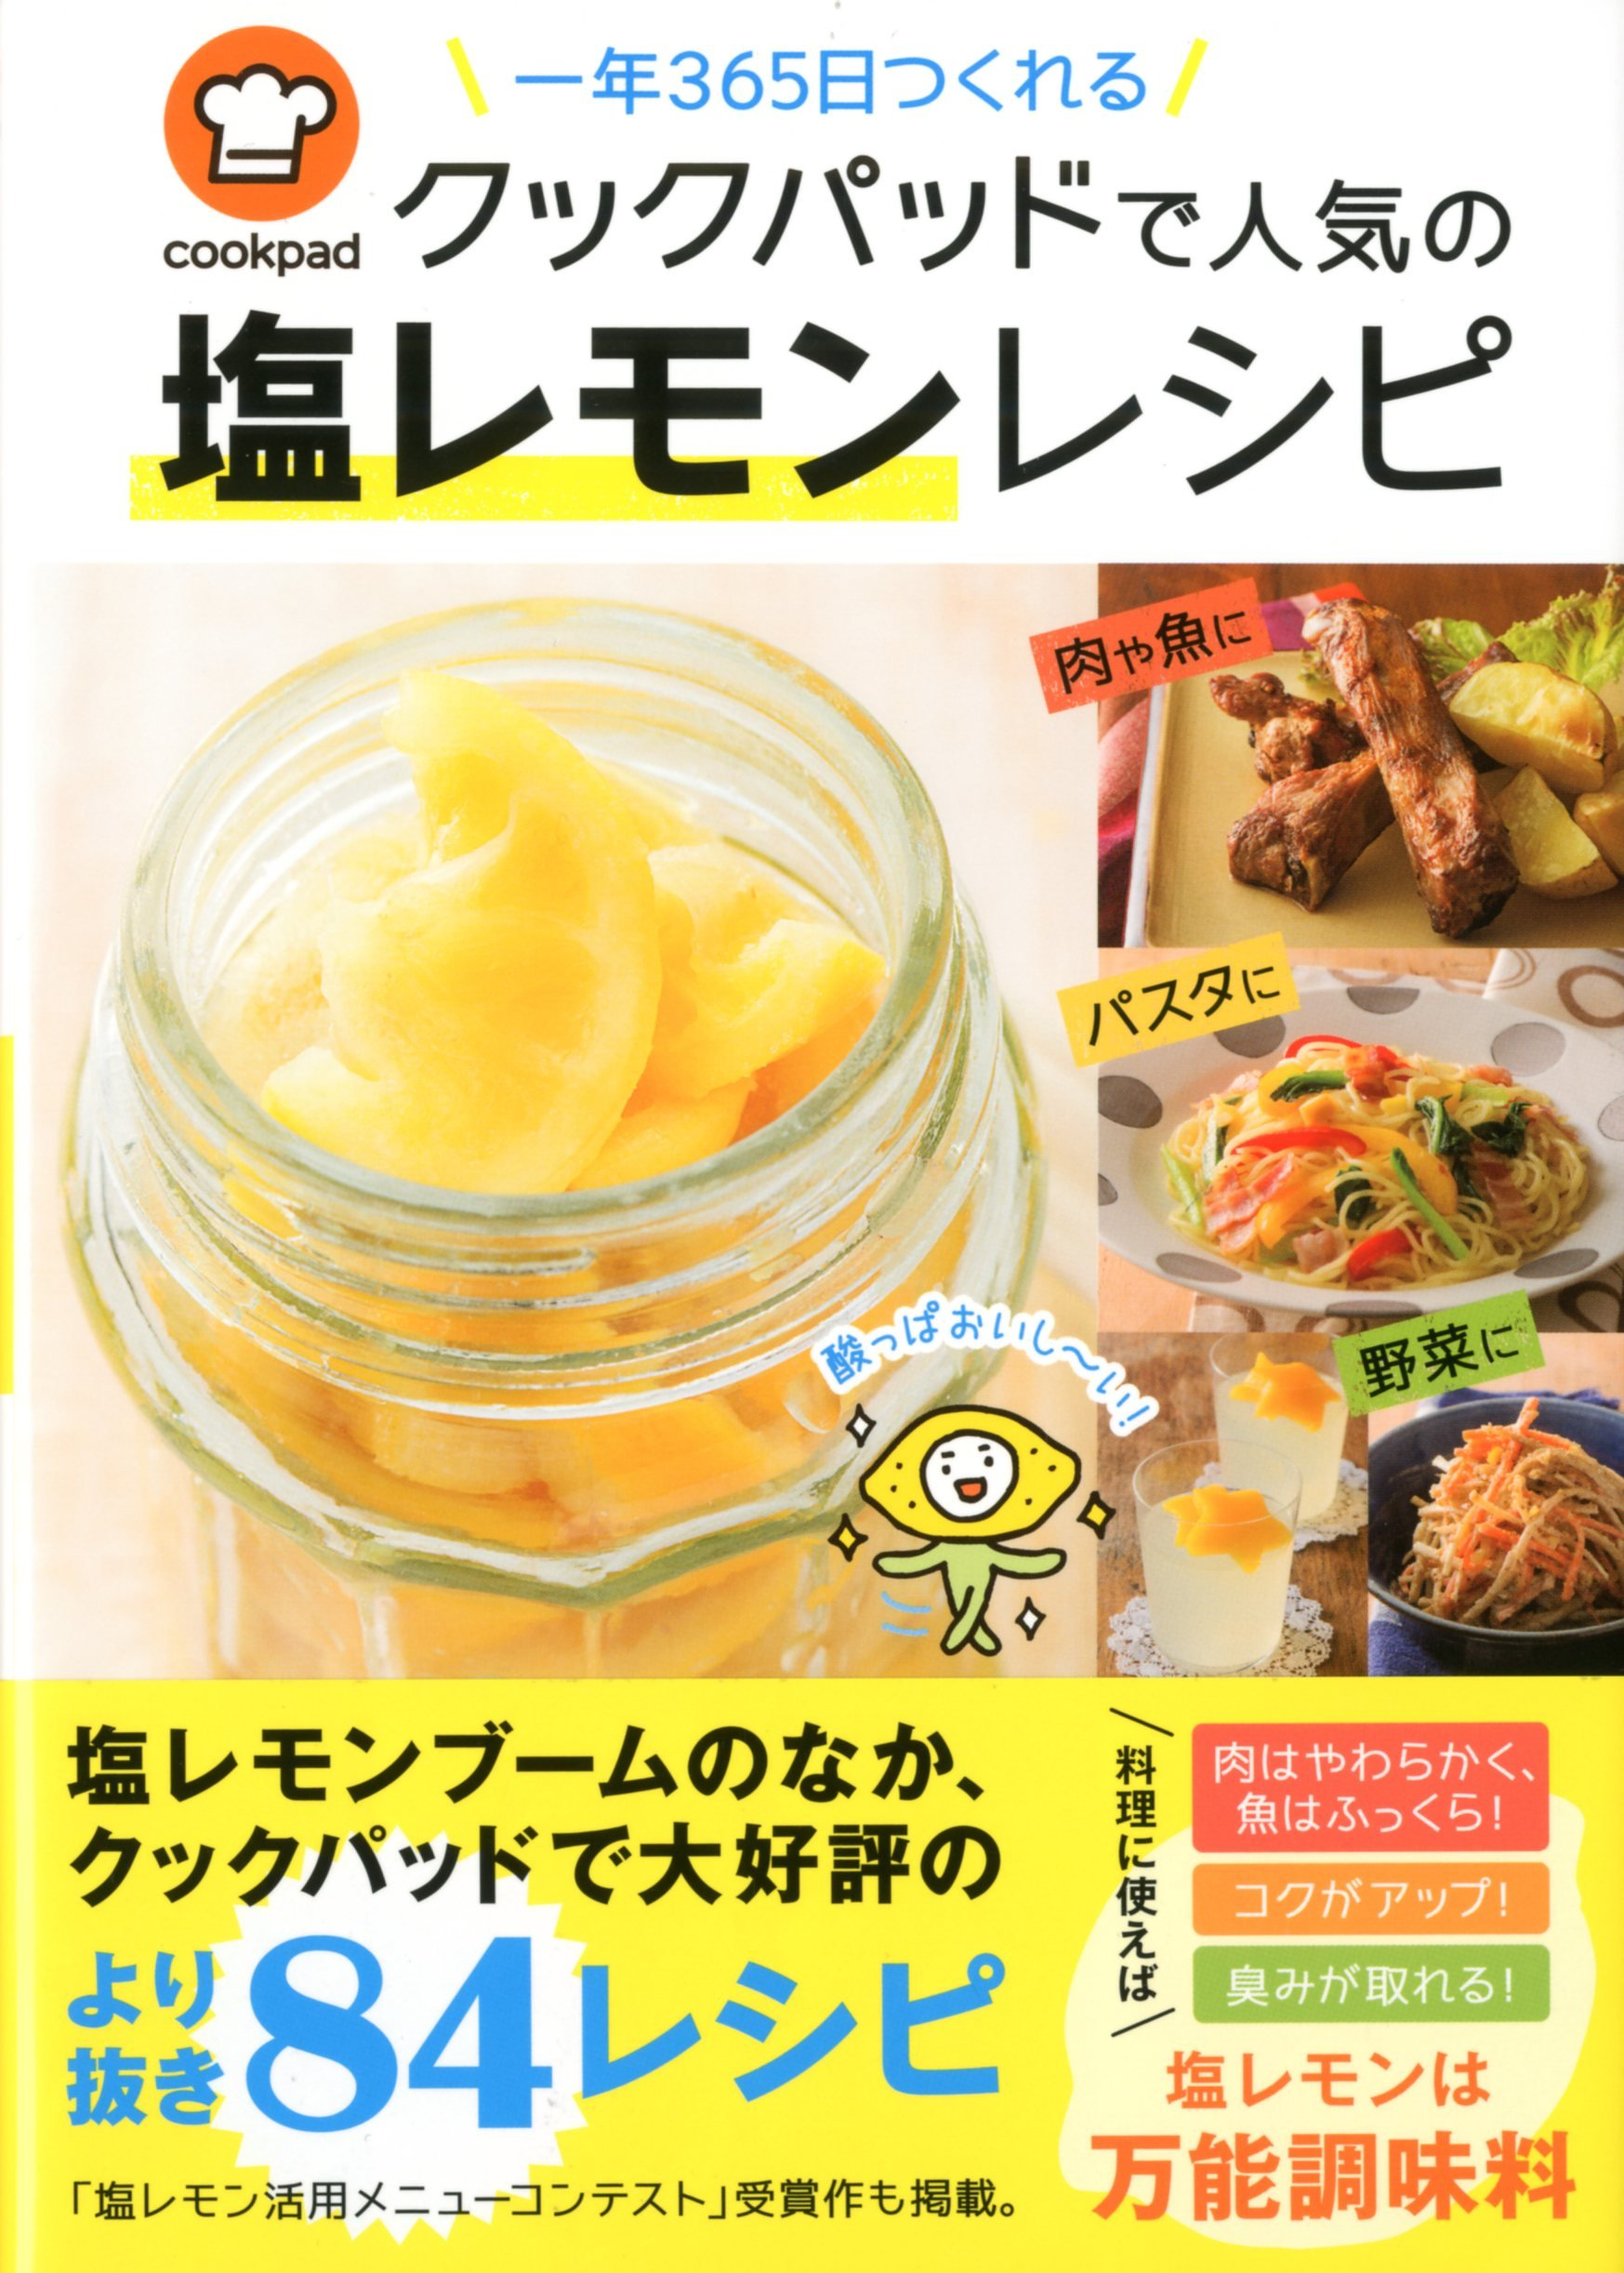 クックパッド塩レモン レシピ本